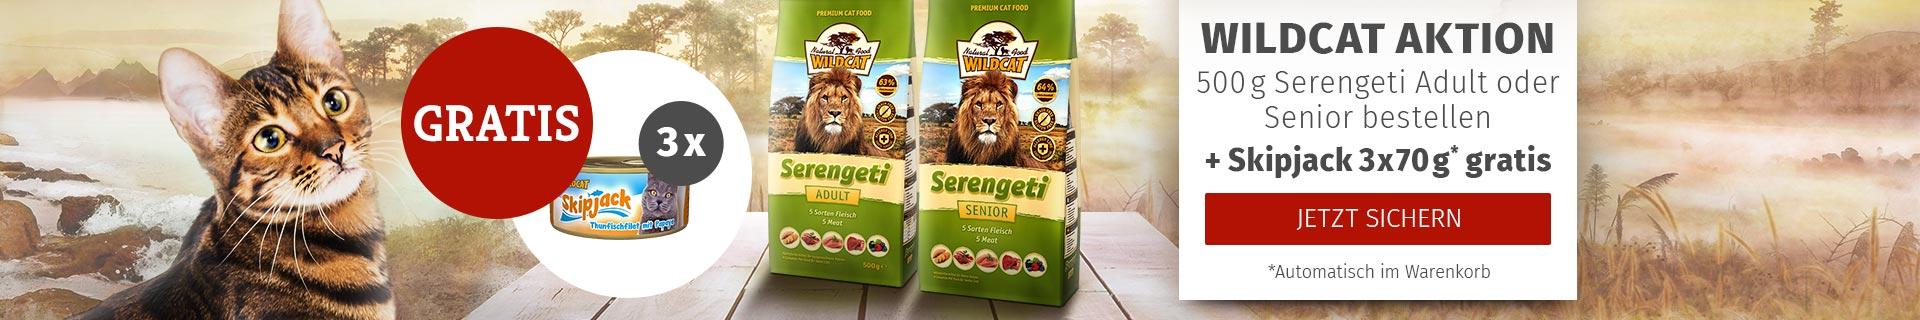 Wildcat Aktion 500g Serengeto Adult oder Senior bestellen + Skipjack 3 x 70g gratis